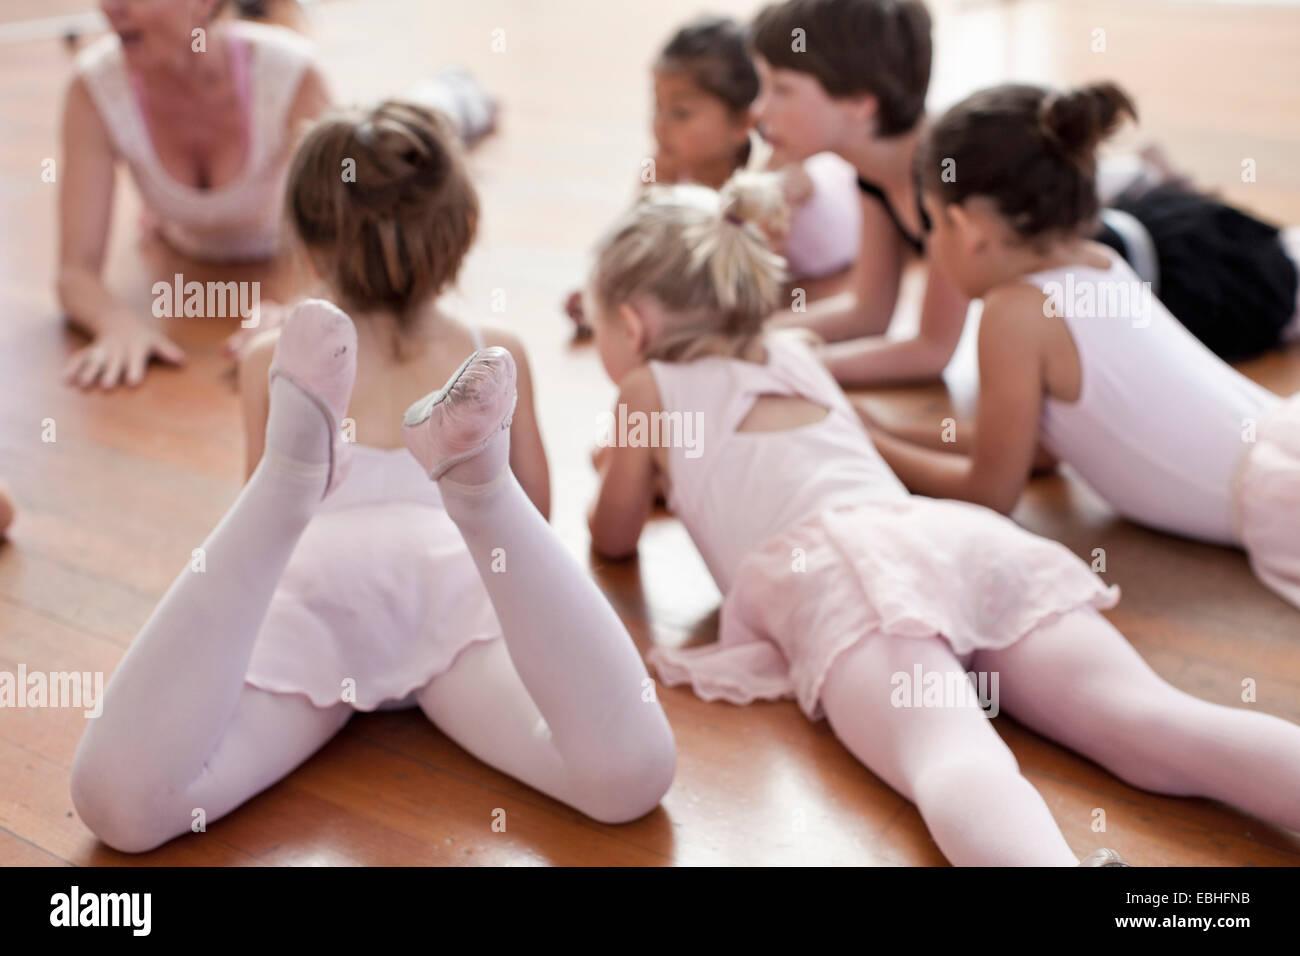 Children lying on floor practicing ballet in ballet school - Stock Image